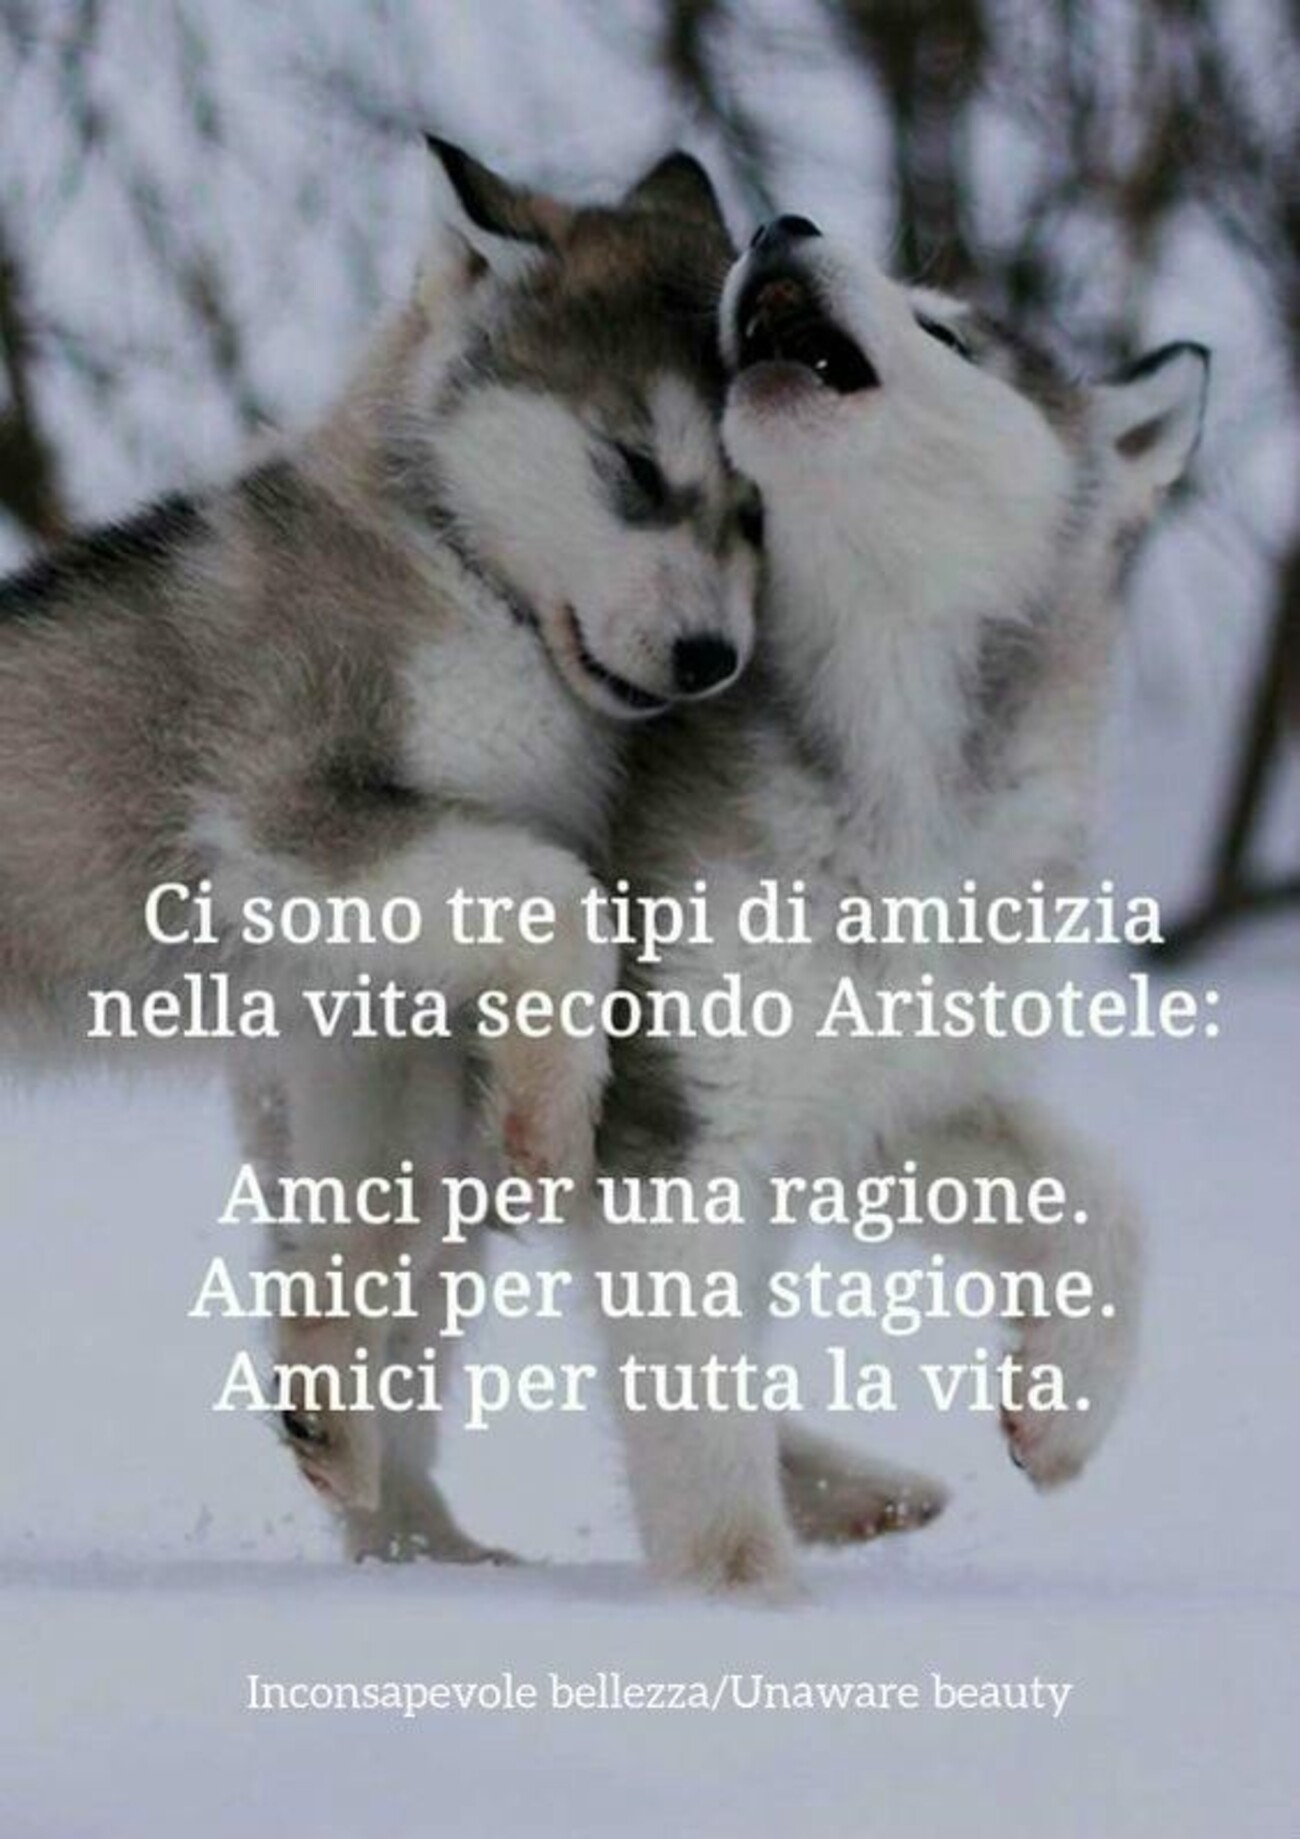 Ci sono tre tipi di amicizia nella vita secondo Aristotele: Amici per una ragione, Amici per una stagione, Amici per tutta la vita.